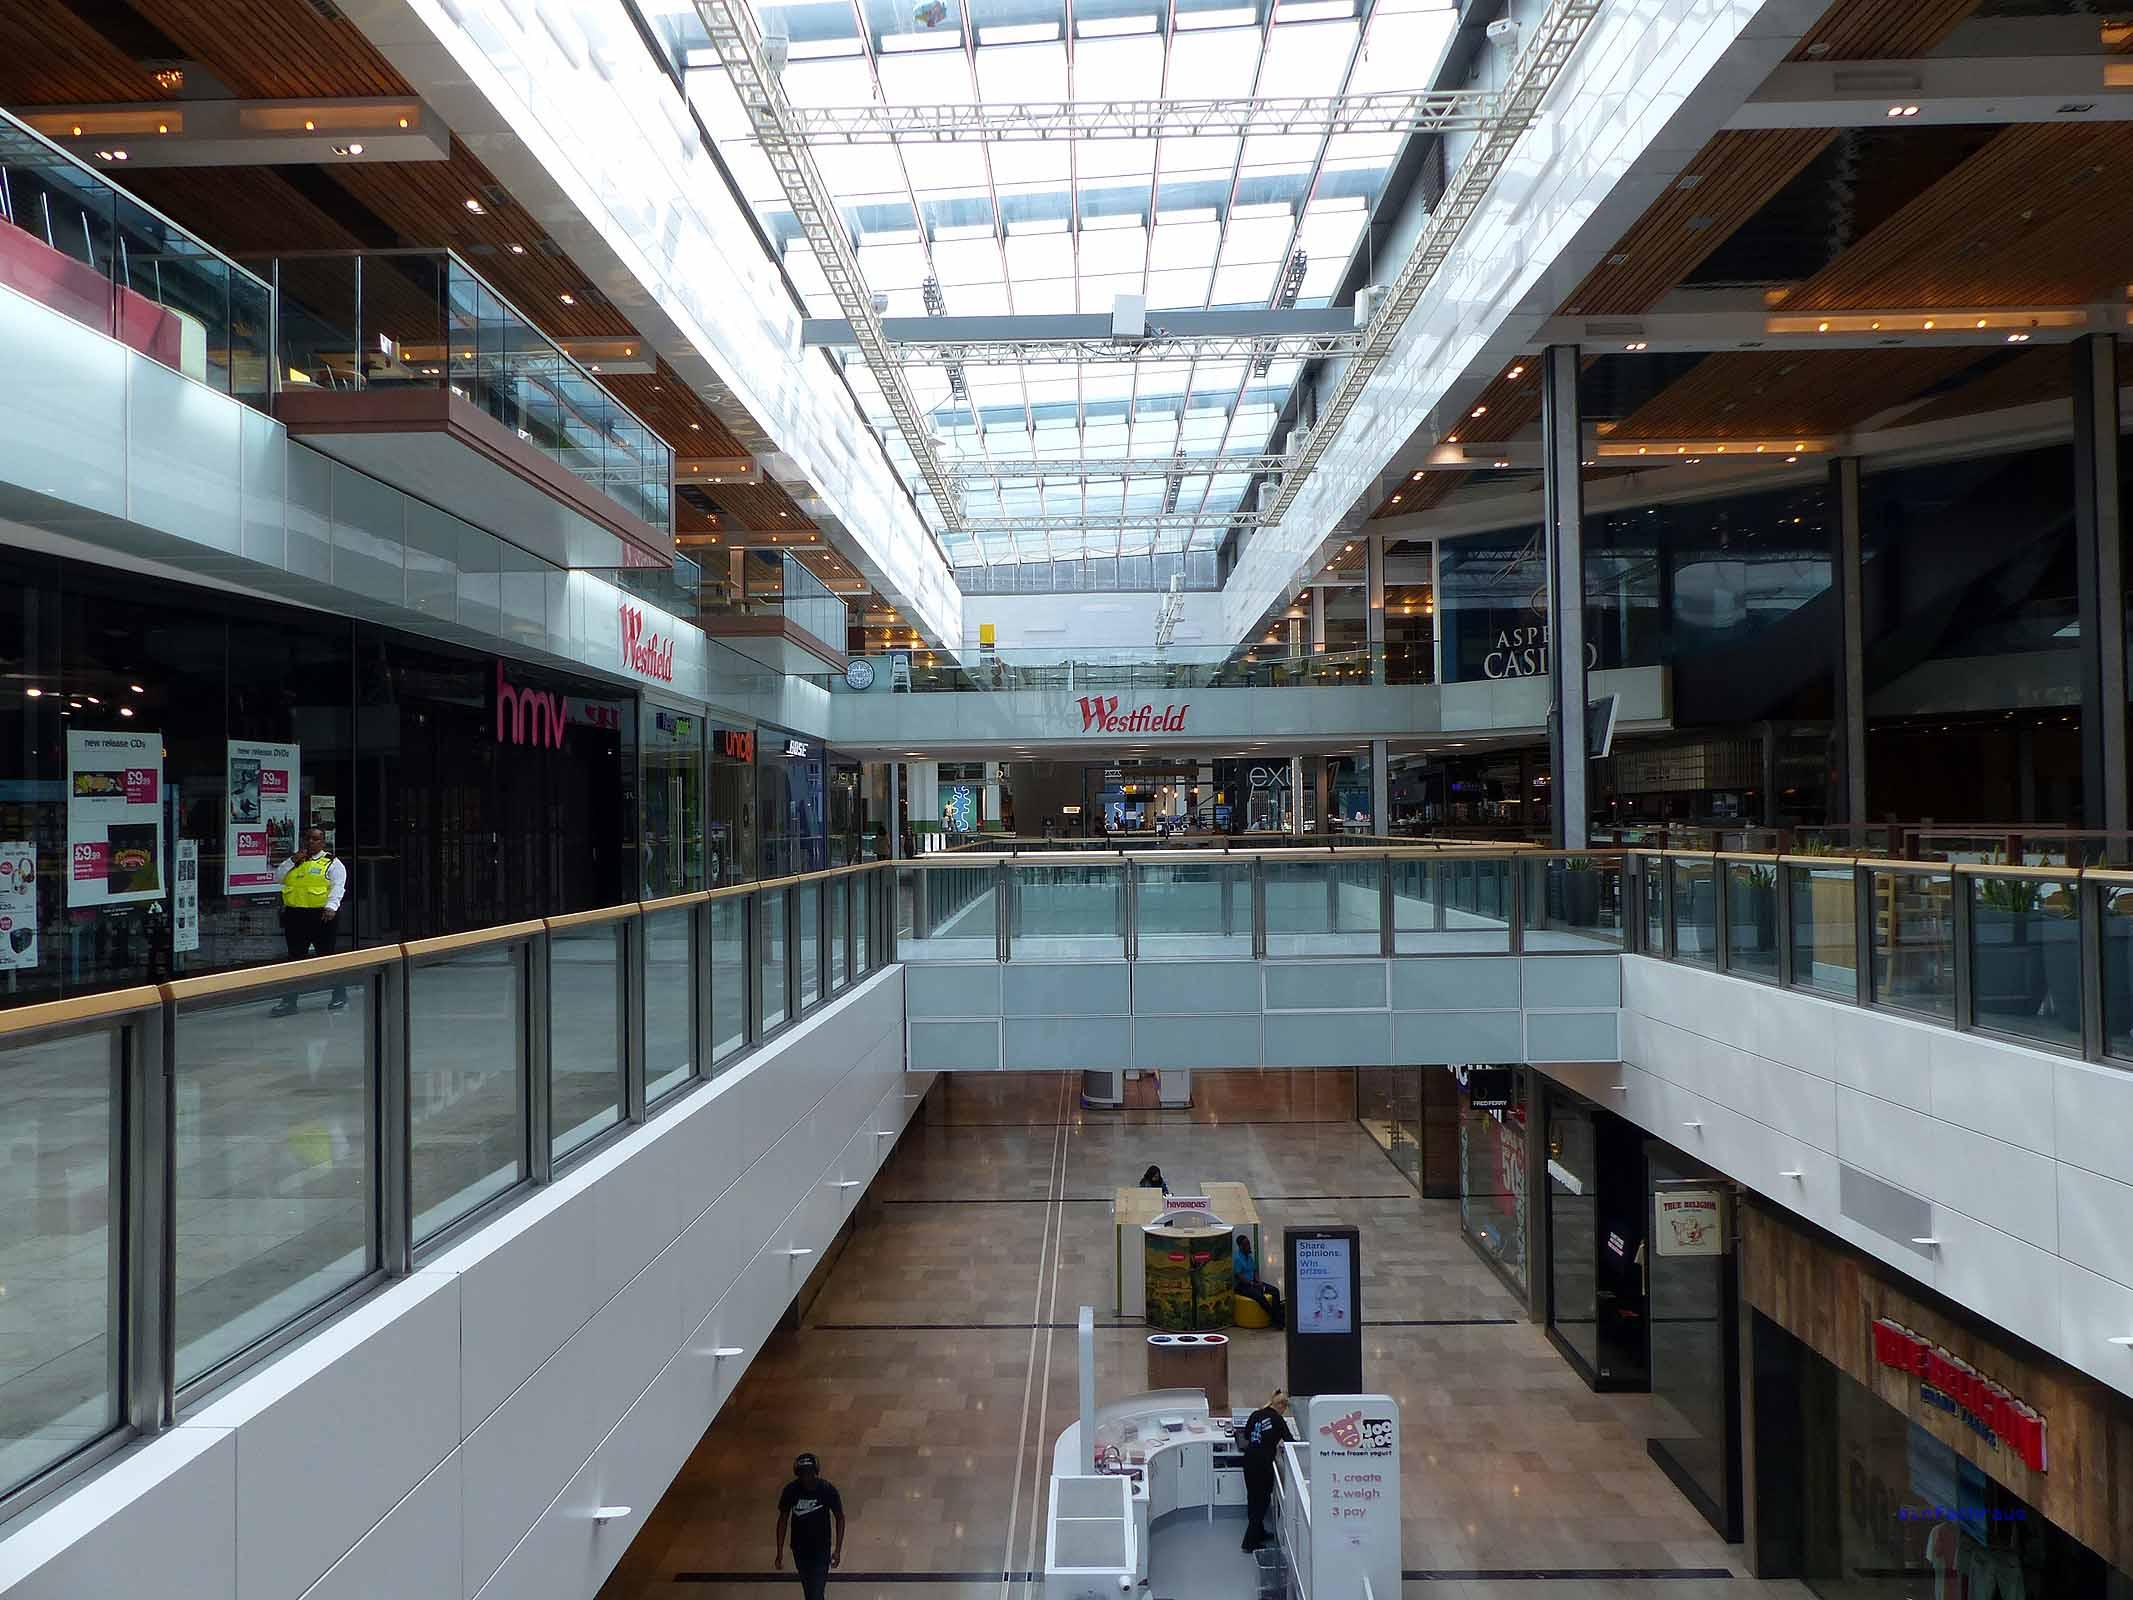 Das Westfield -Center gehört zu den größten Shoppingmalls in Europa